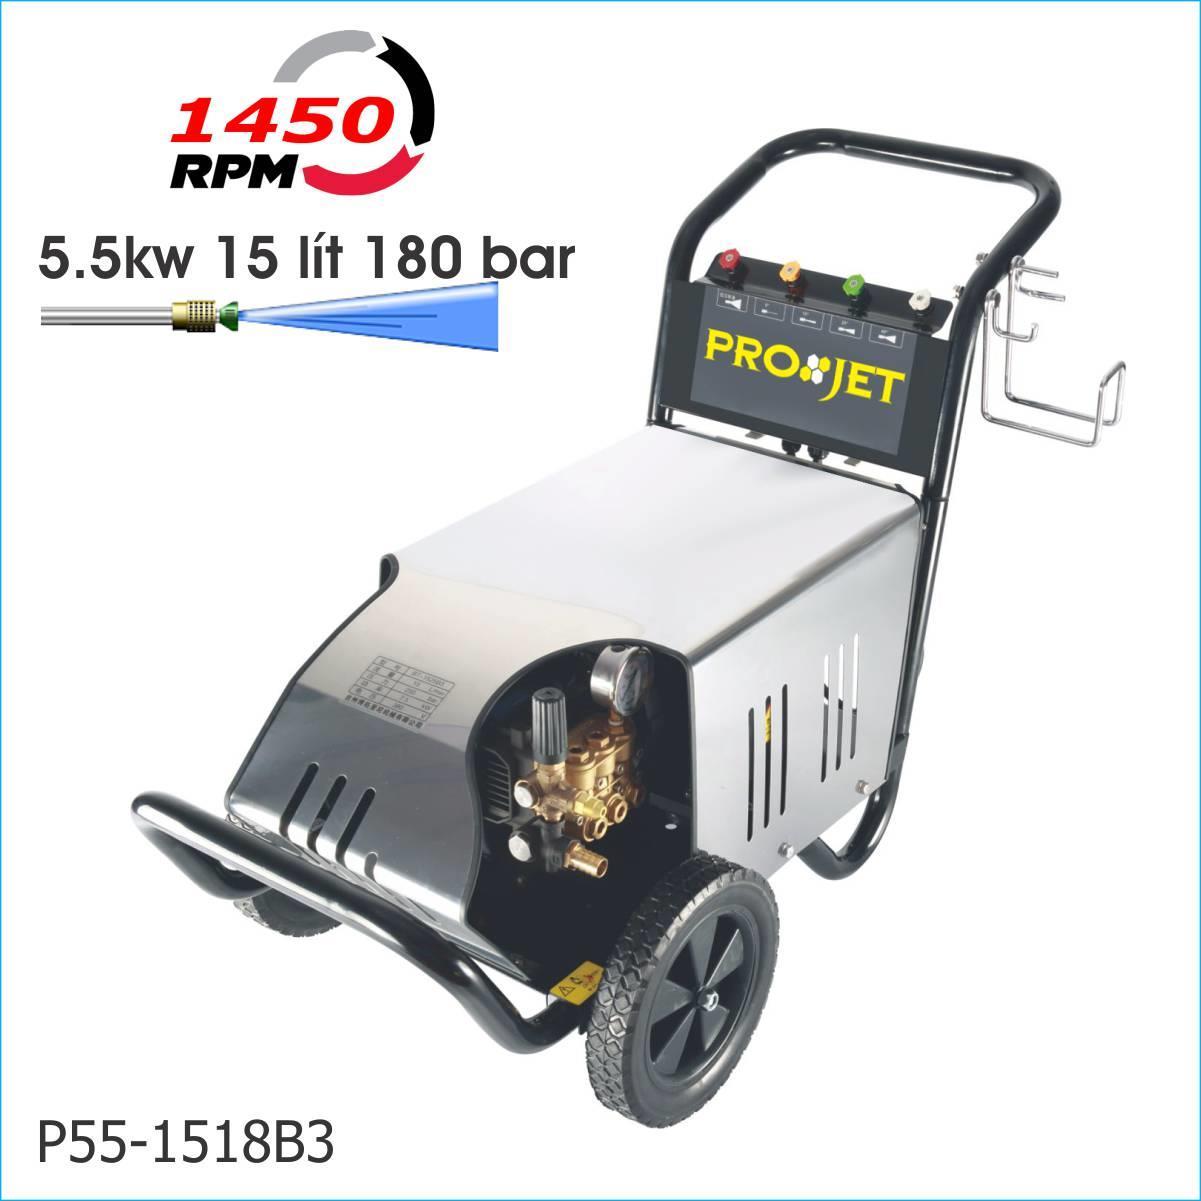 Máy xịt rửa công nghiệp P55-1518B3